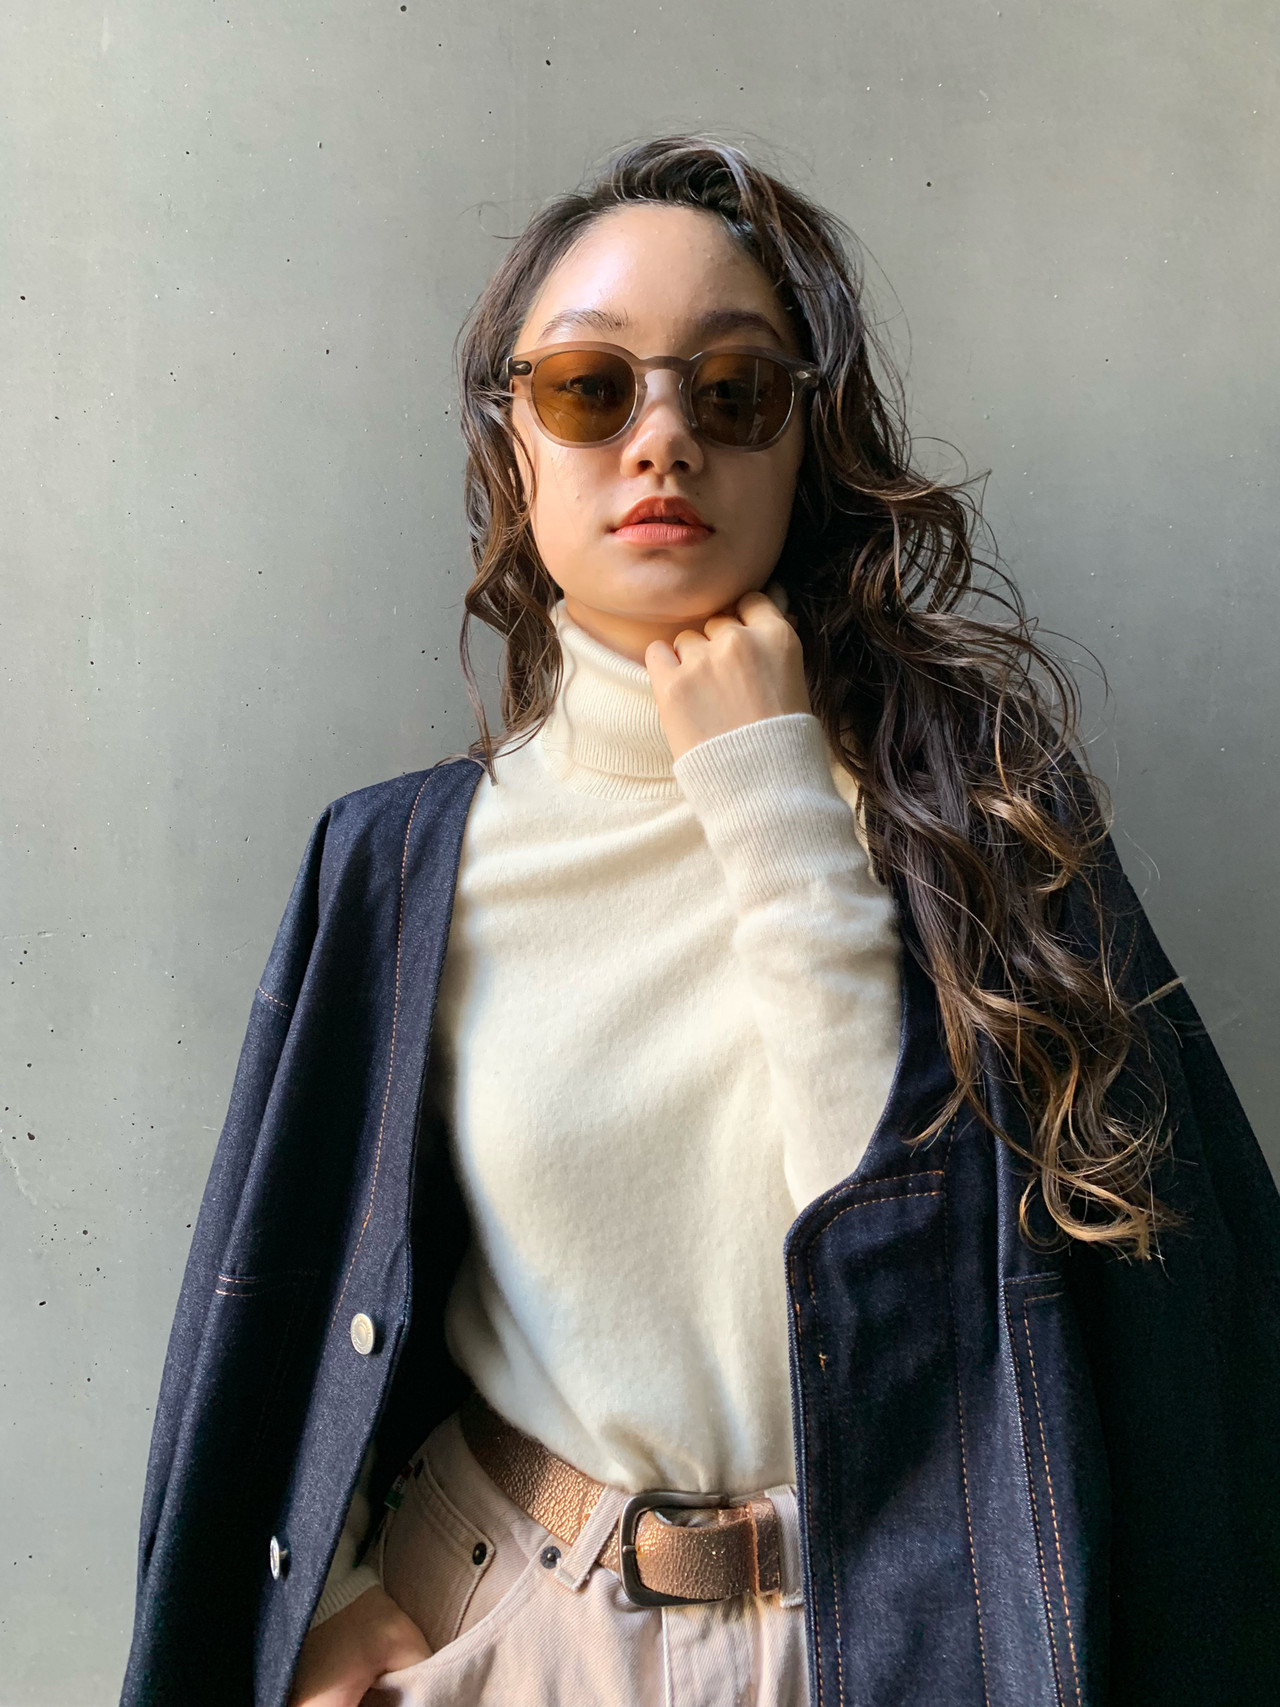 アンニュイほつれヘア ヘアアレンジ モード ロング ヘアスタイルや髪型の写真・画像